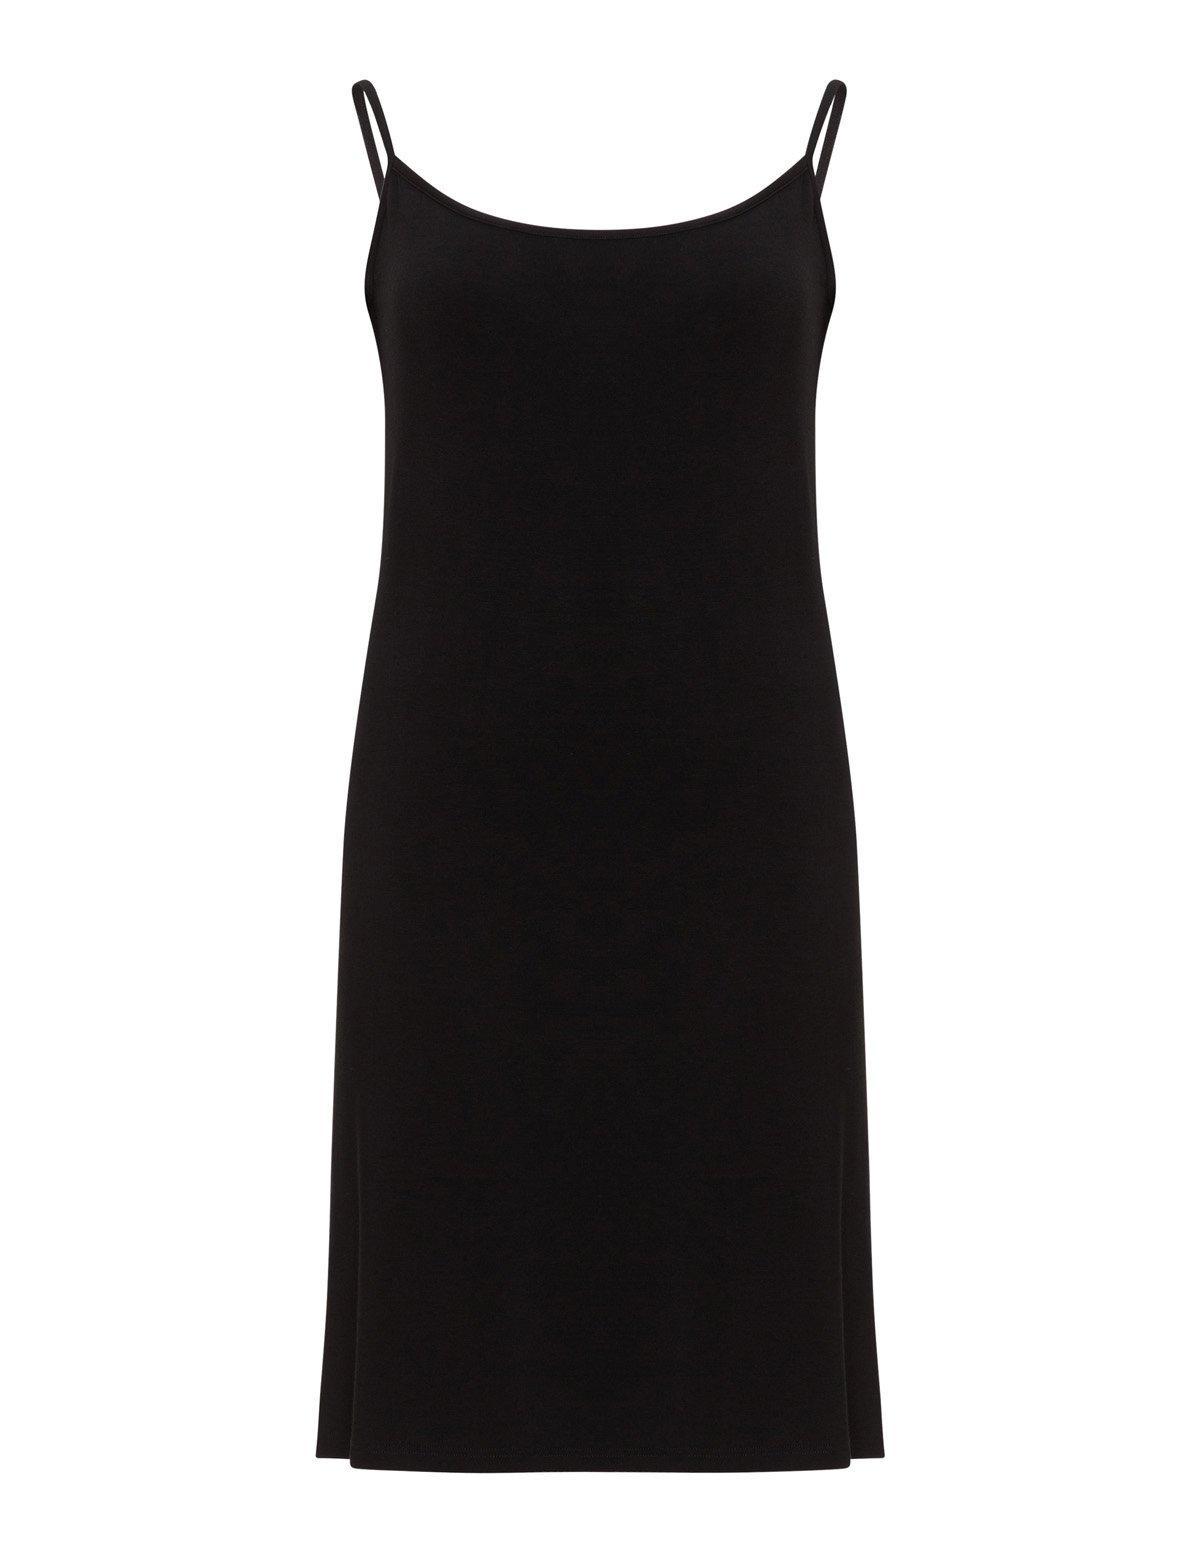 Fond de robe coton noir